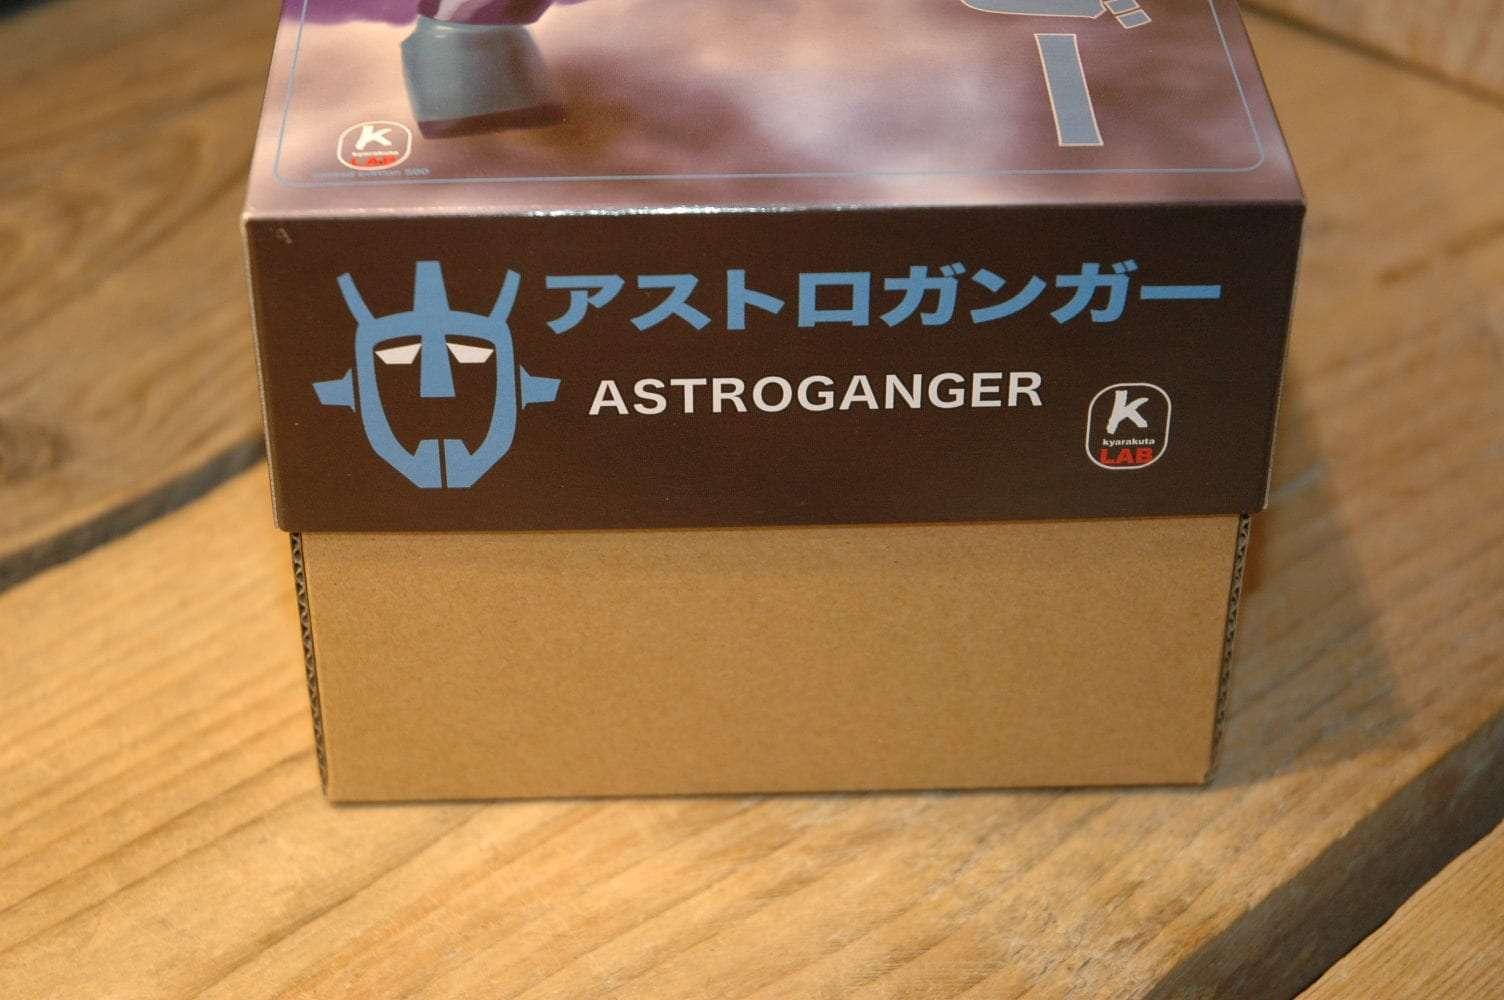 Kyarakuta Lab - Astroganger